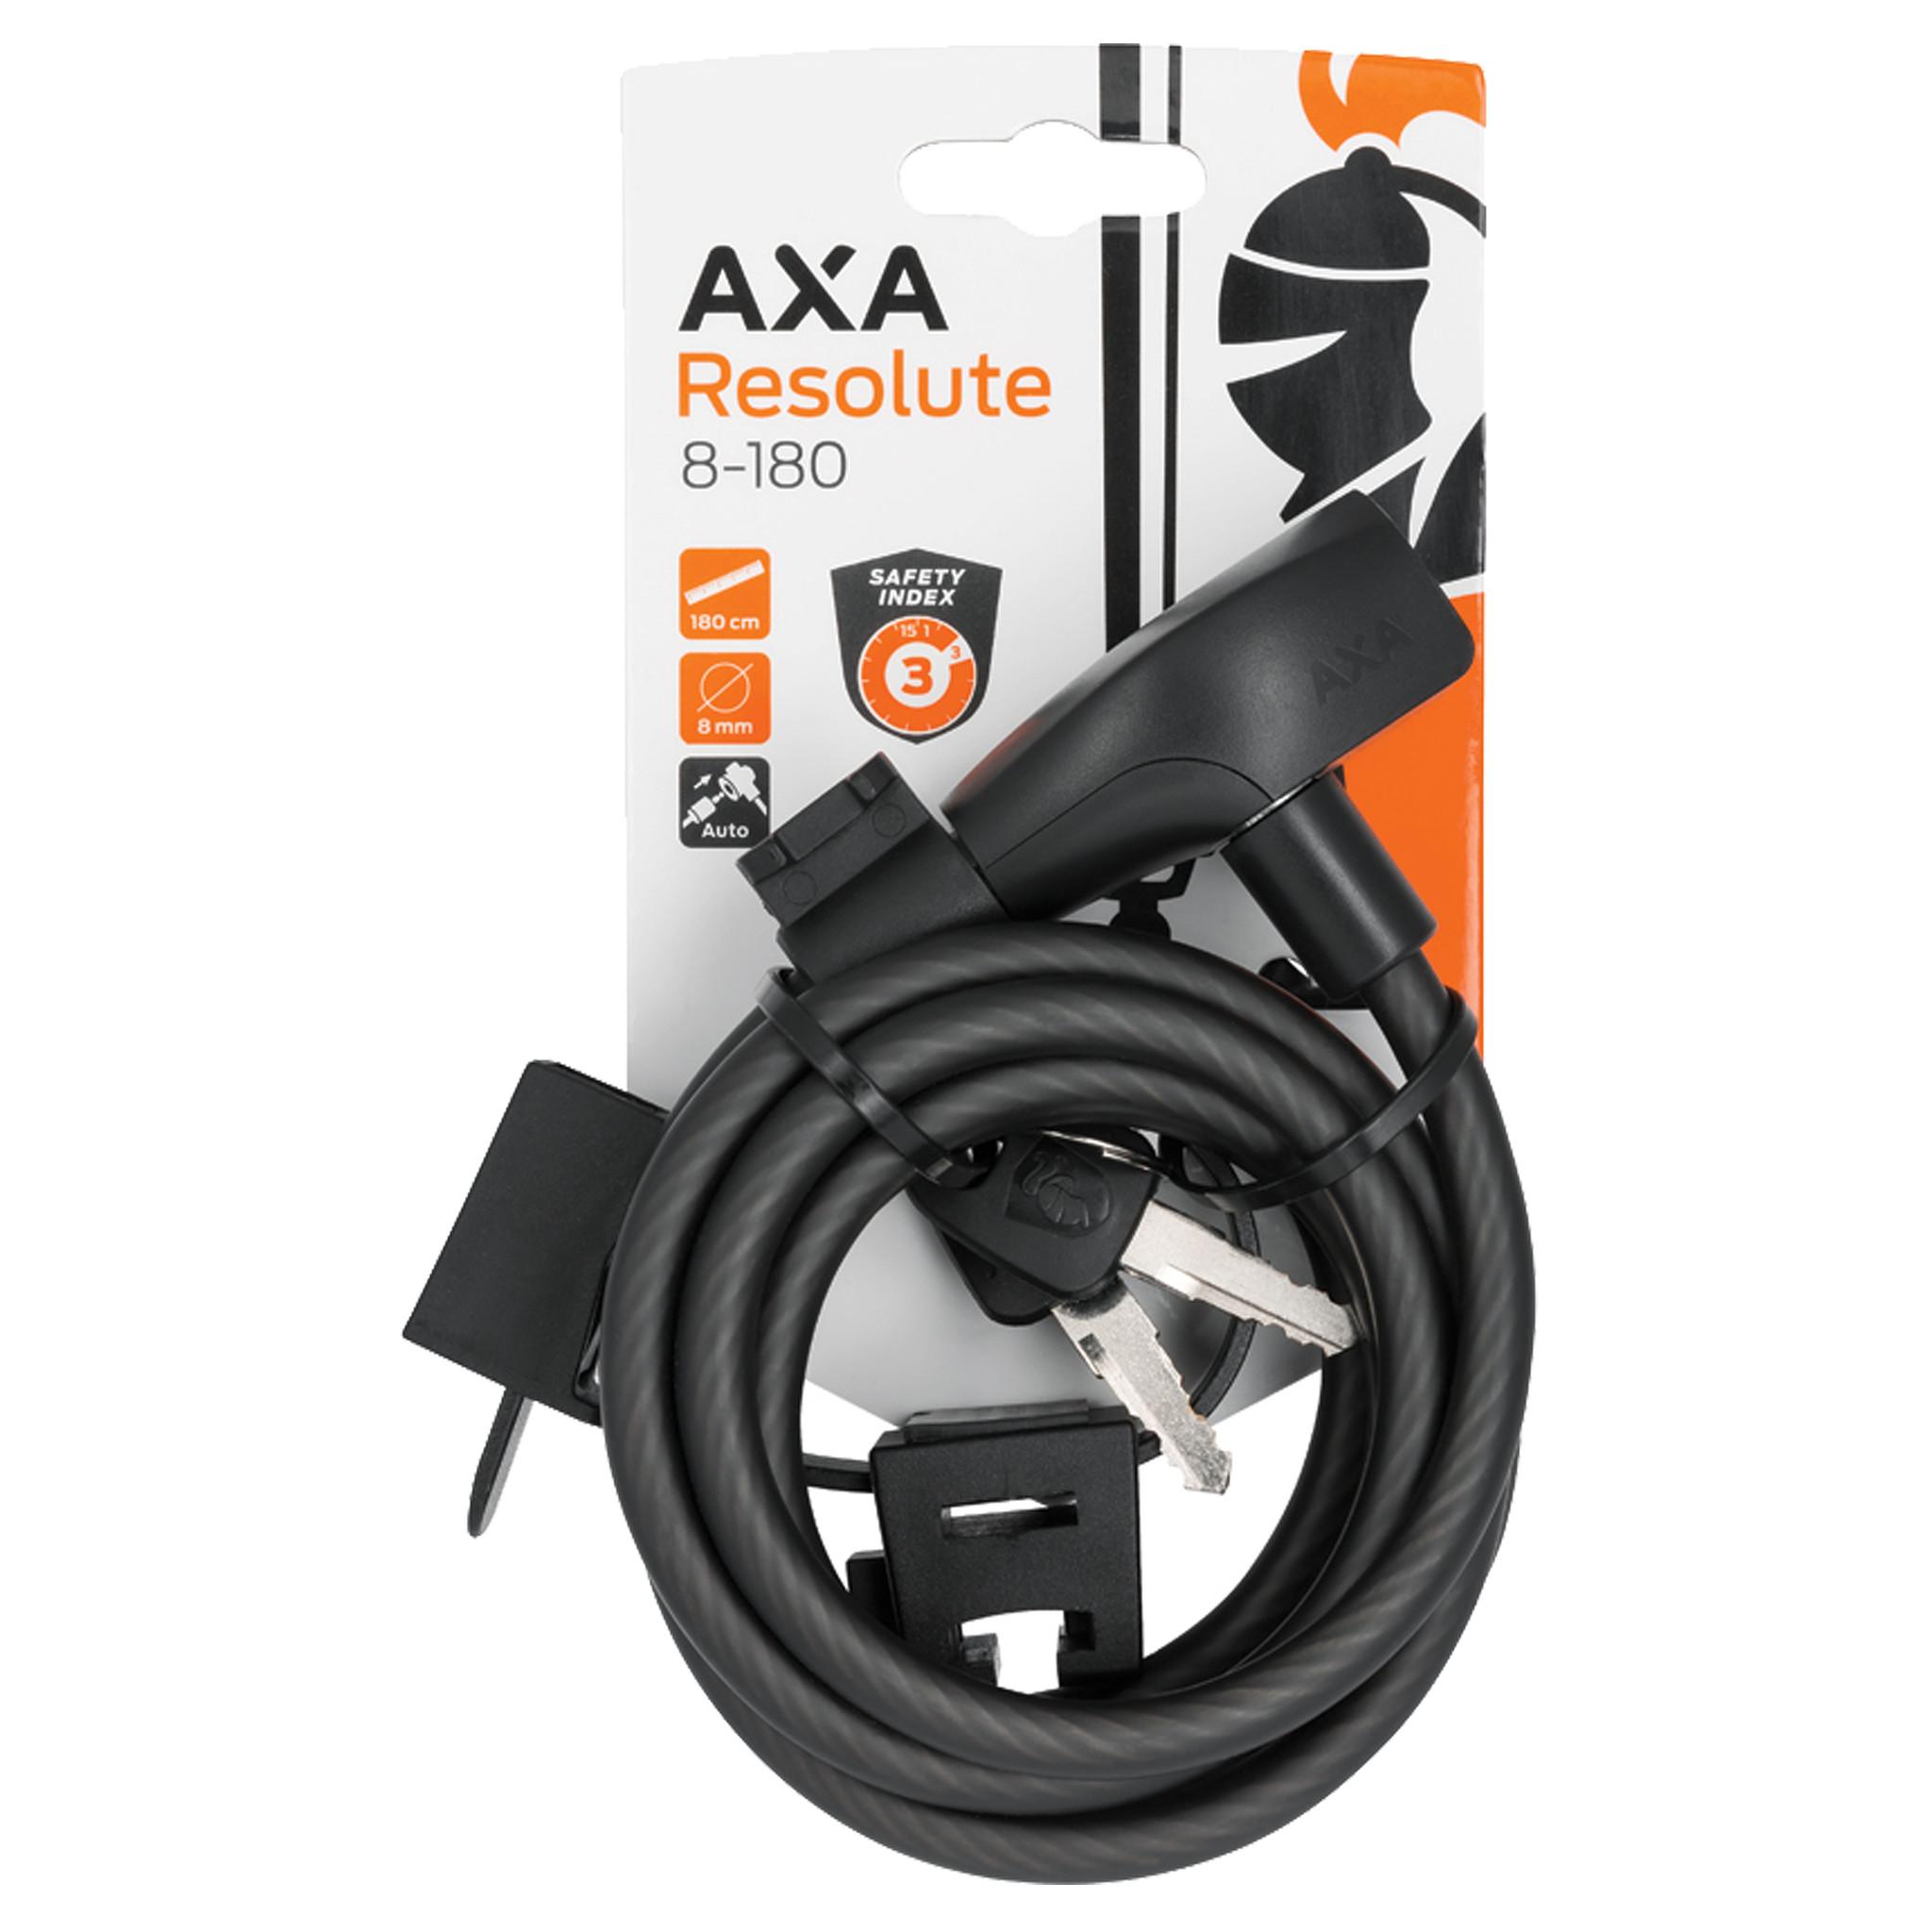 AXA Kabelslot Resolute 8-180